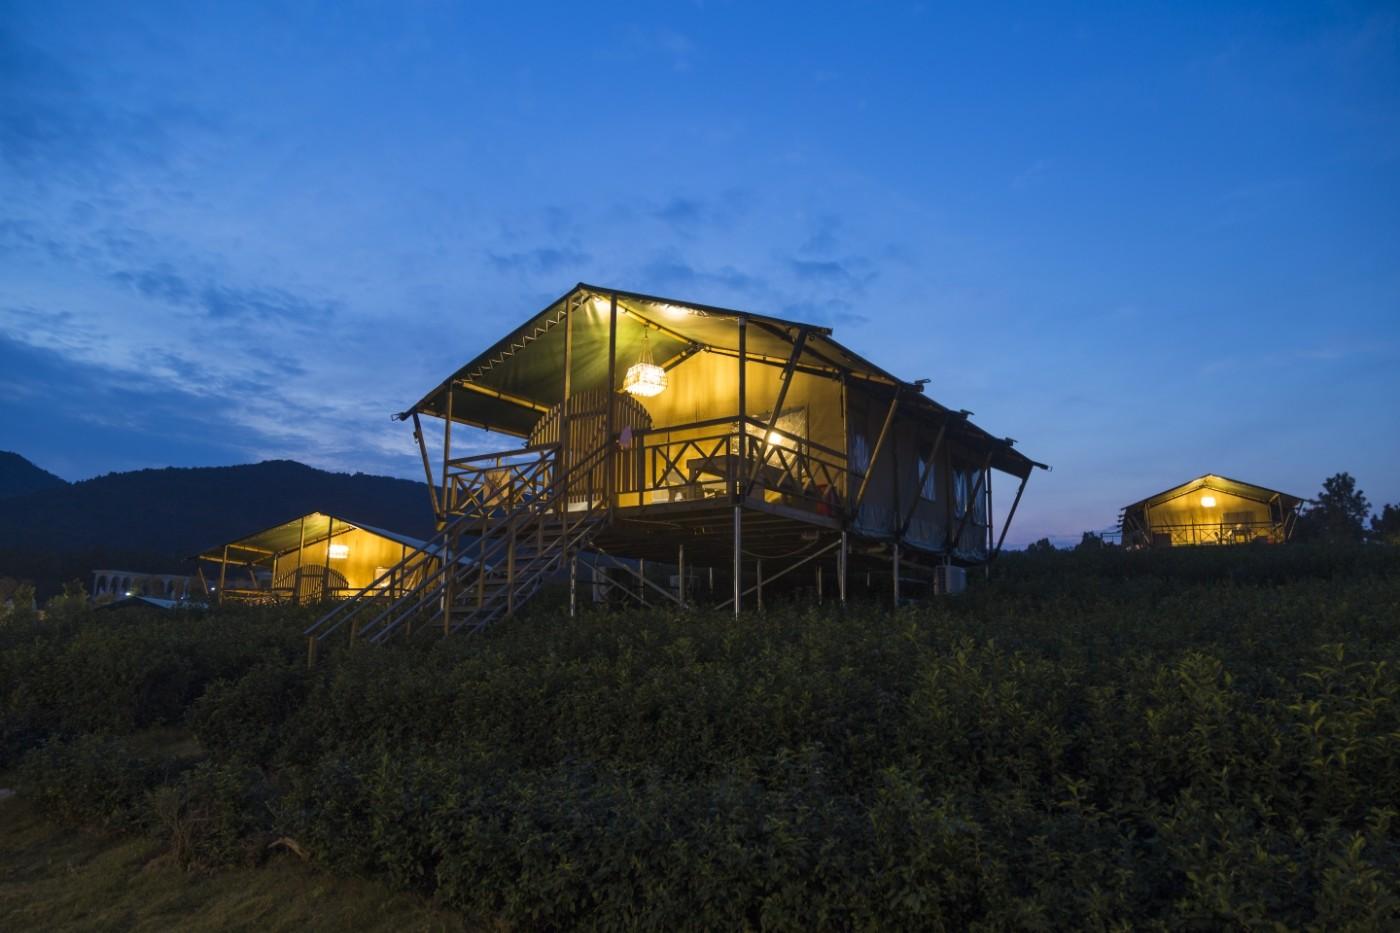 喜马拉雅野奢帐篷酒店—宝盛园夜色22